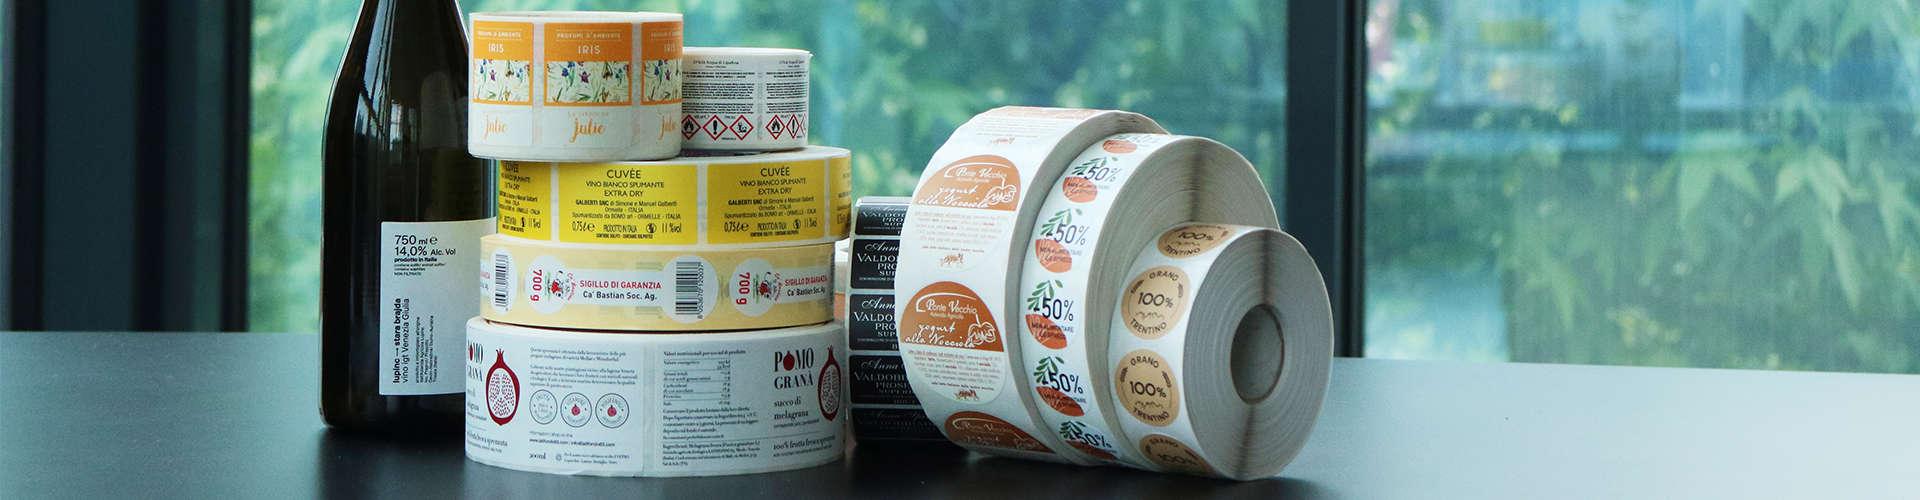 Stampa etichette adesive personalizzate online